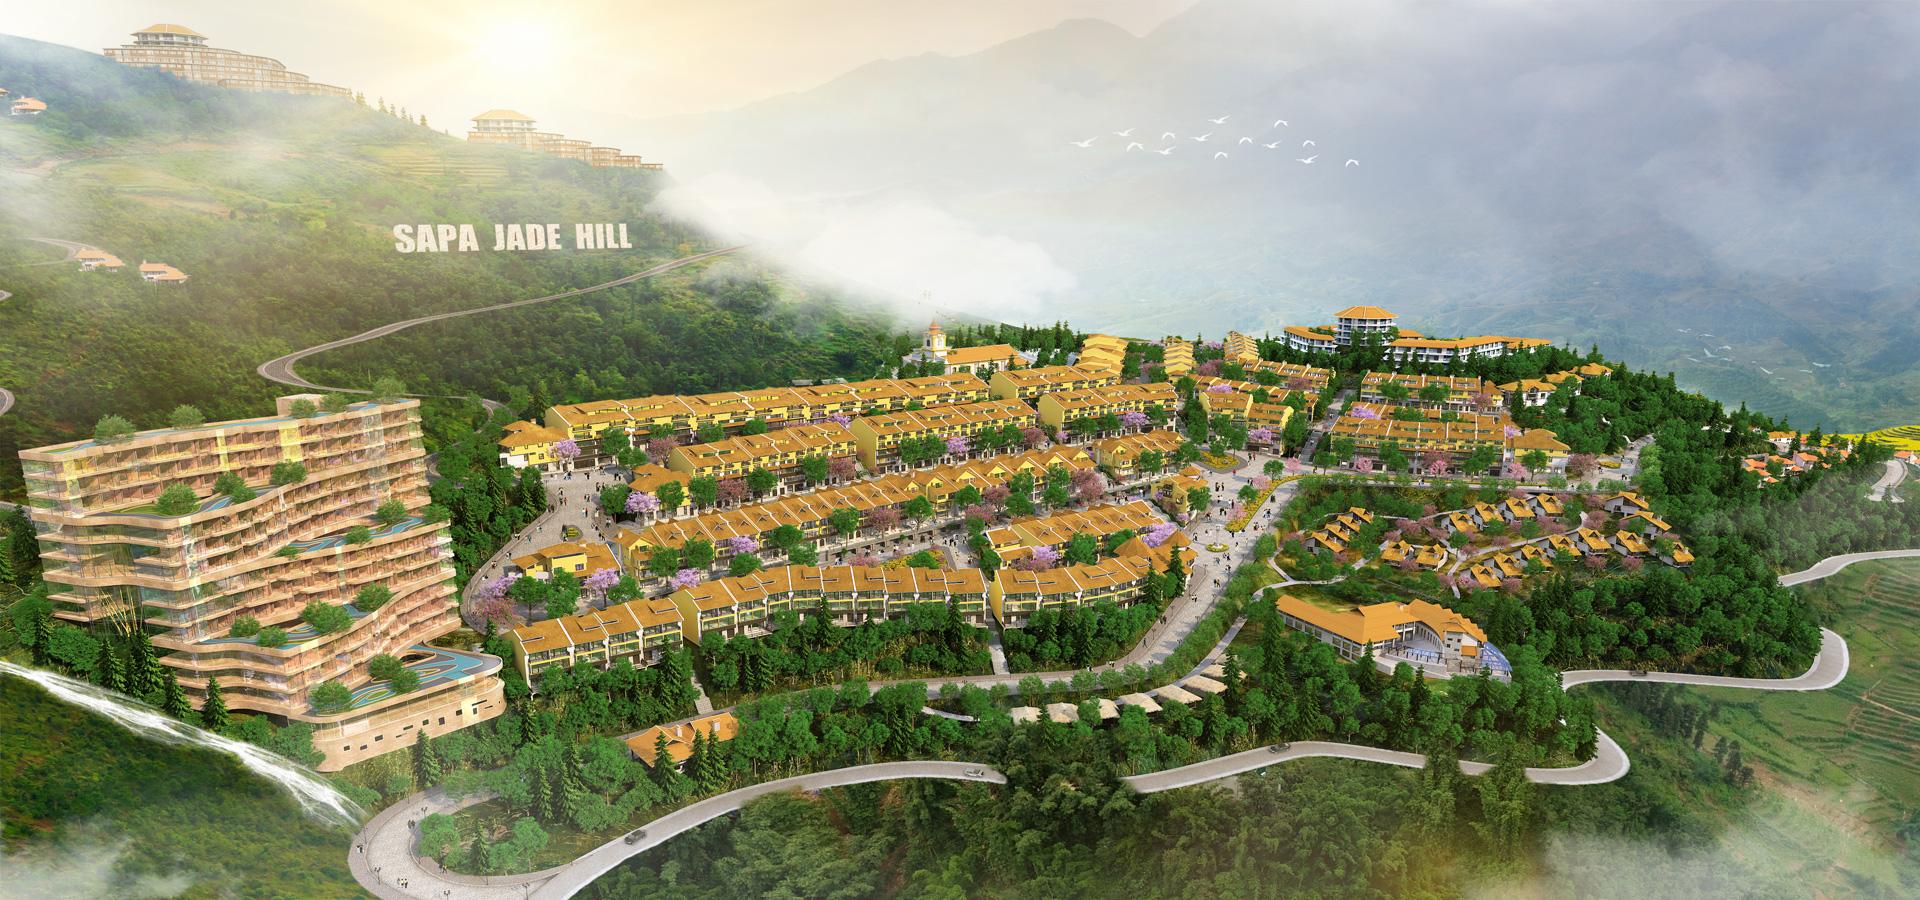 Những dự án bất động sản nghỉ dưỡng lớn đang hiện diện ở Sa Pa - Ảnh 6.